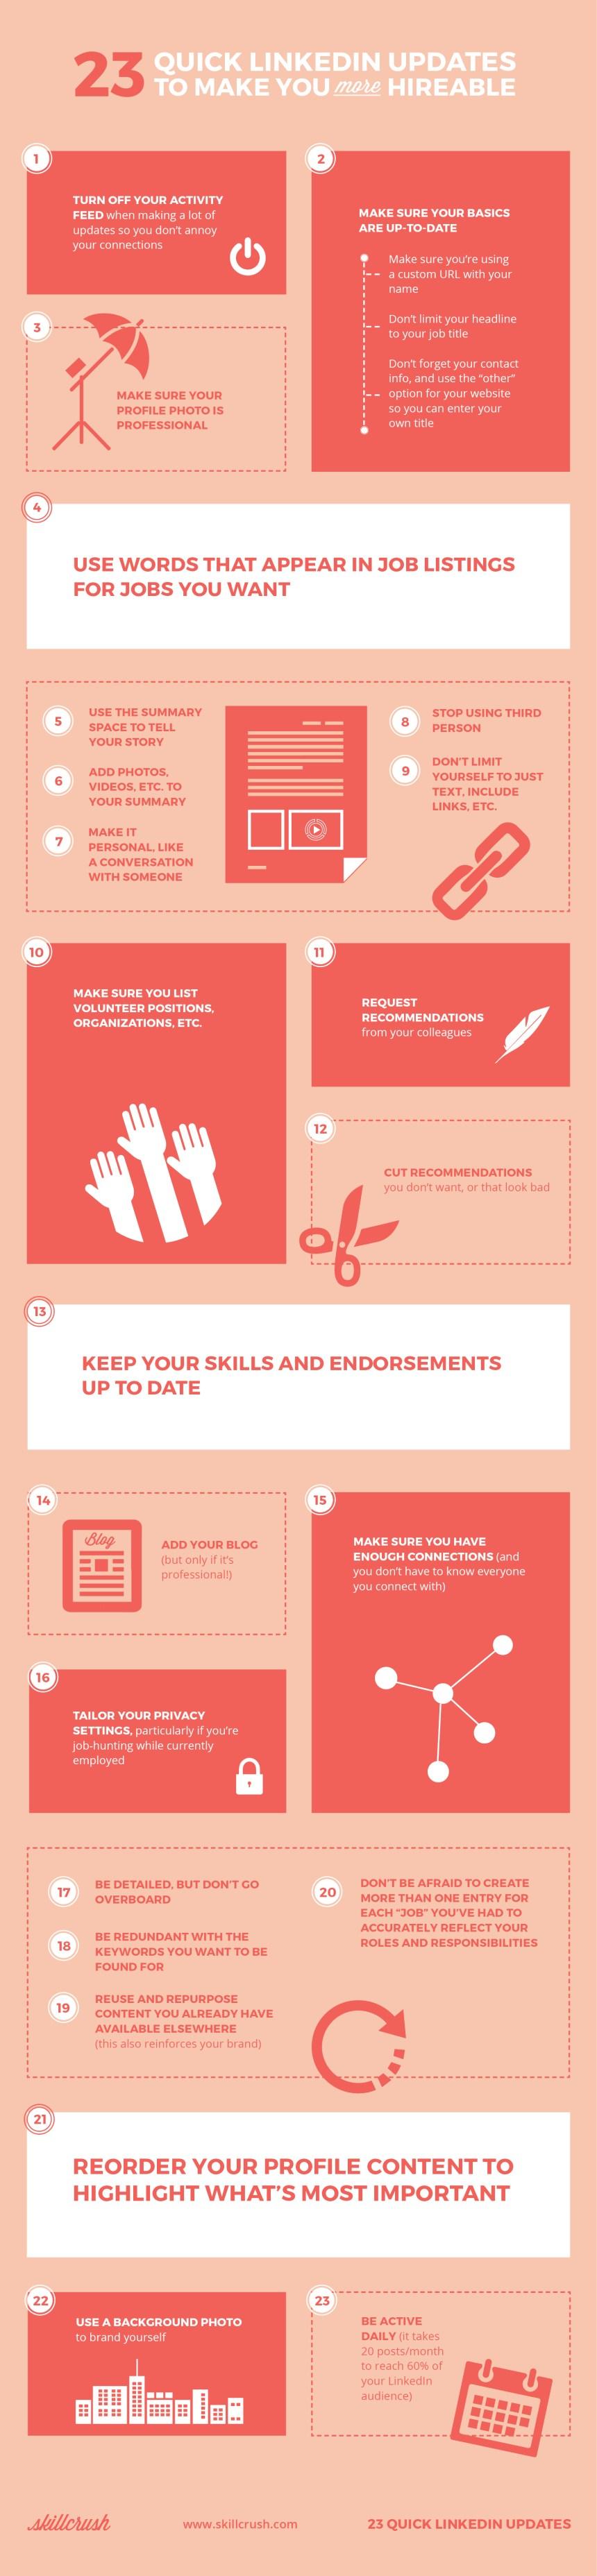 23 actualizaciones que debes hacer en LinkedIn para que te contraten ya